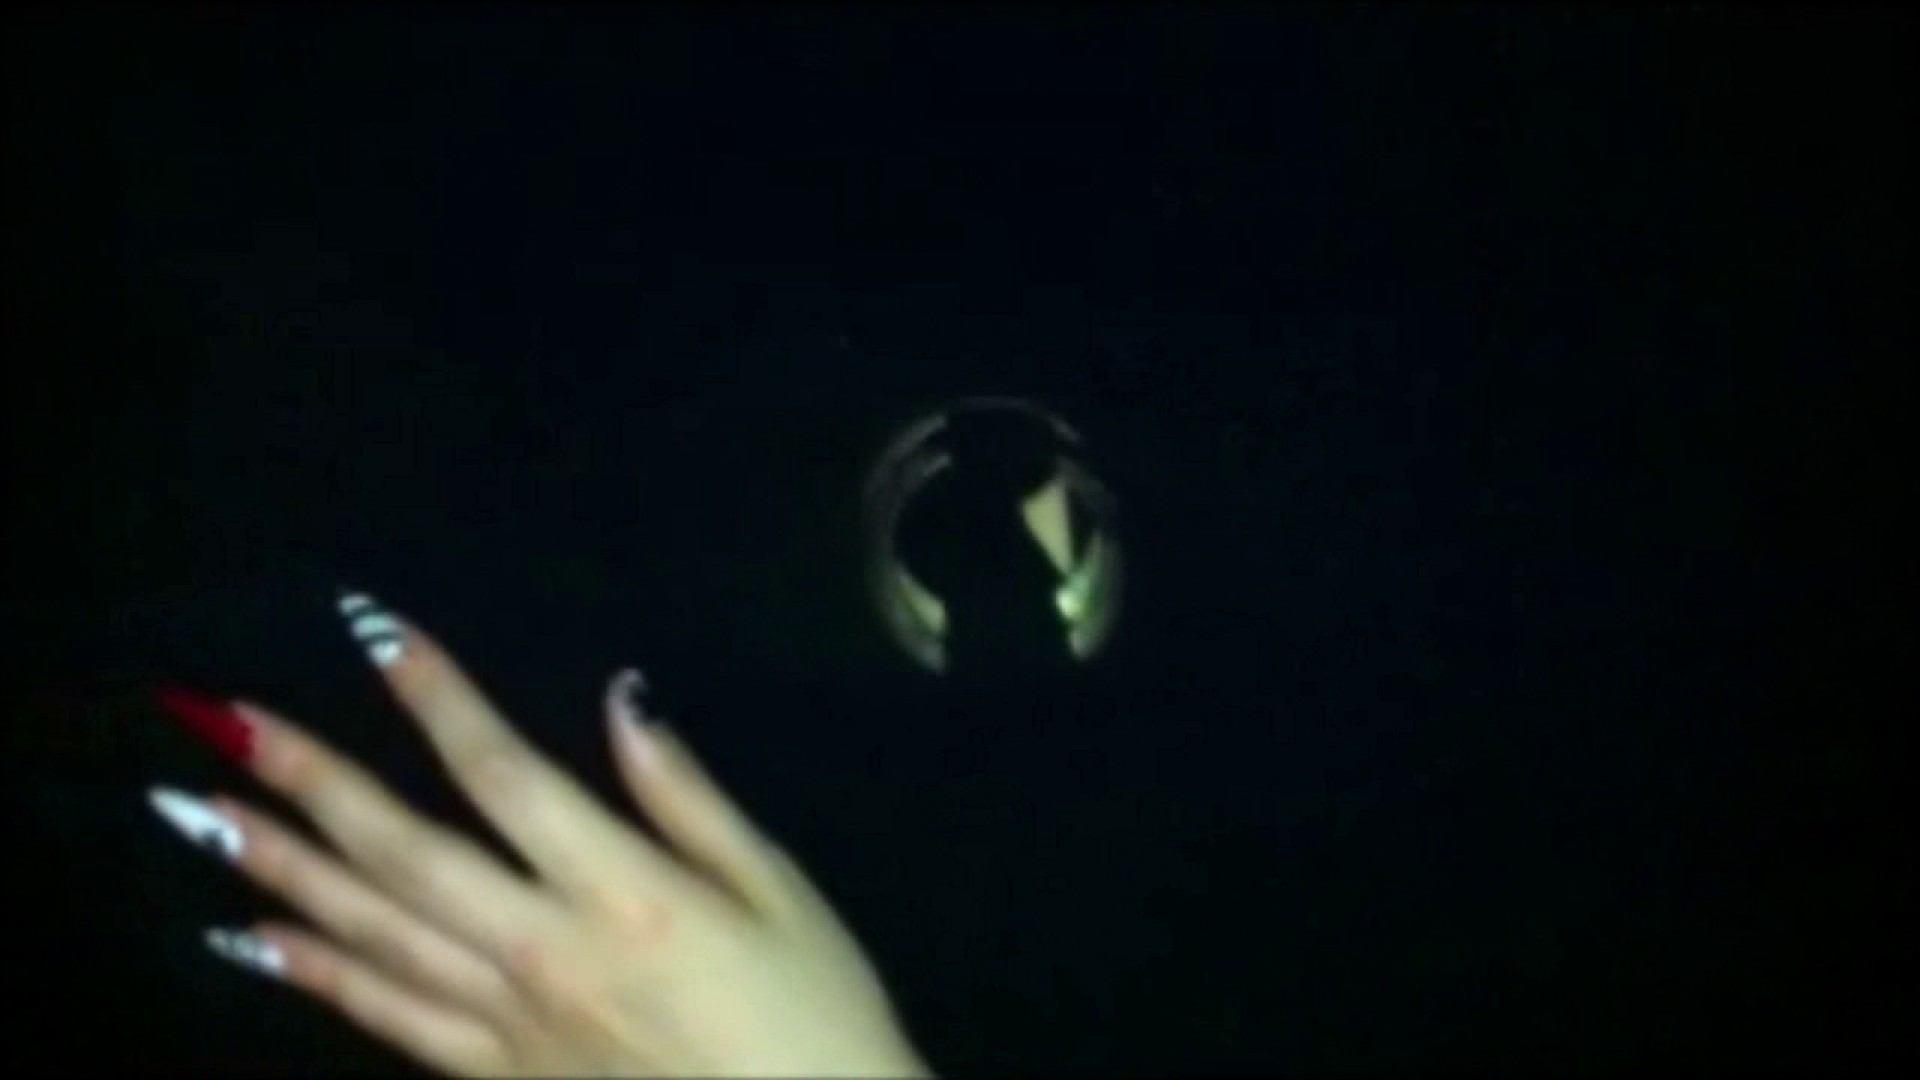 魔術師の お・も・て・な・し vol.05 21歳 美乳にイタズラ 女子大生のヌード | エロティックなOL  55画像 1